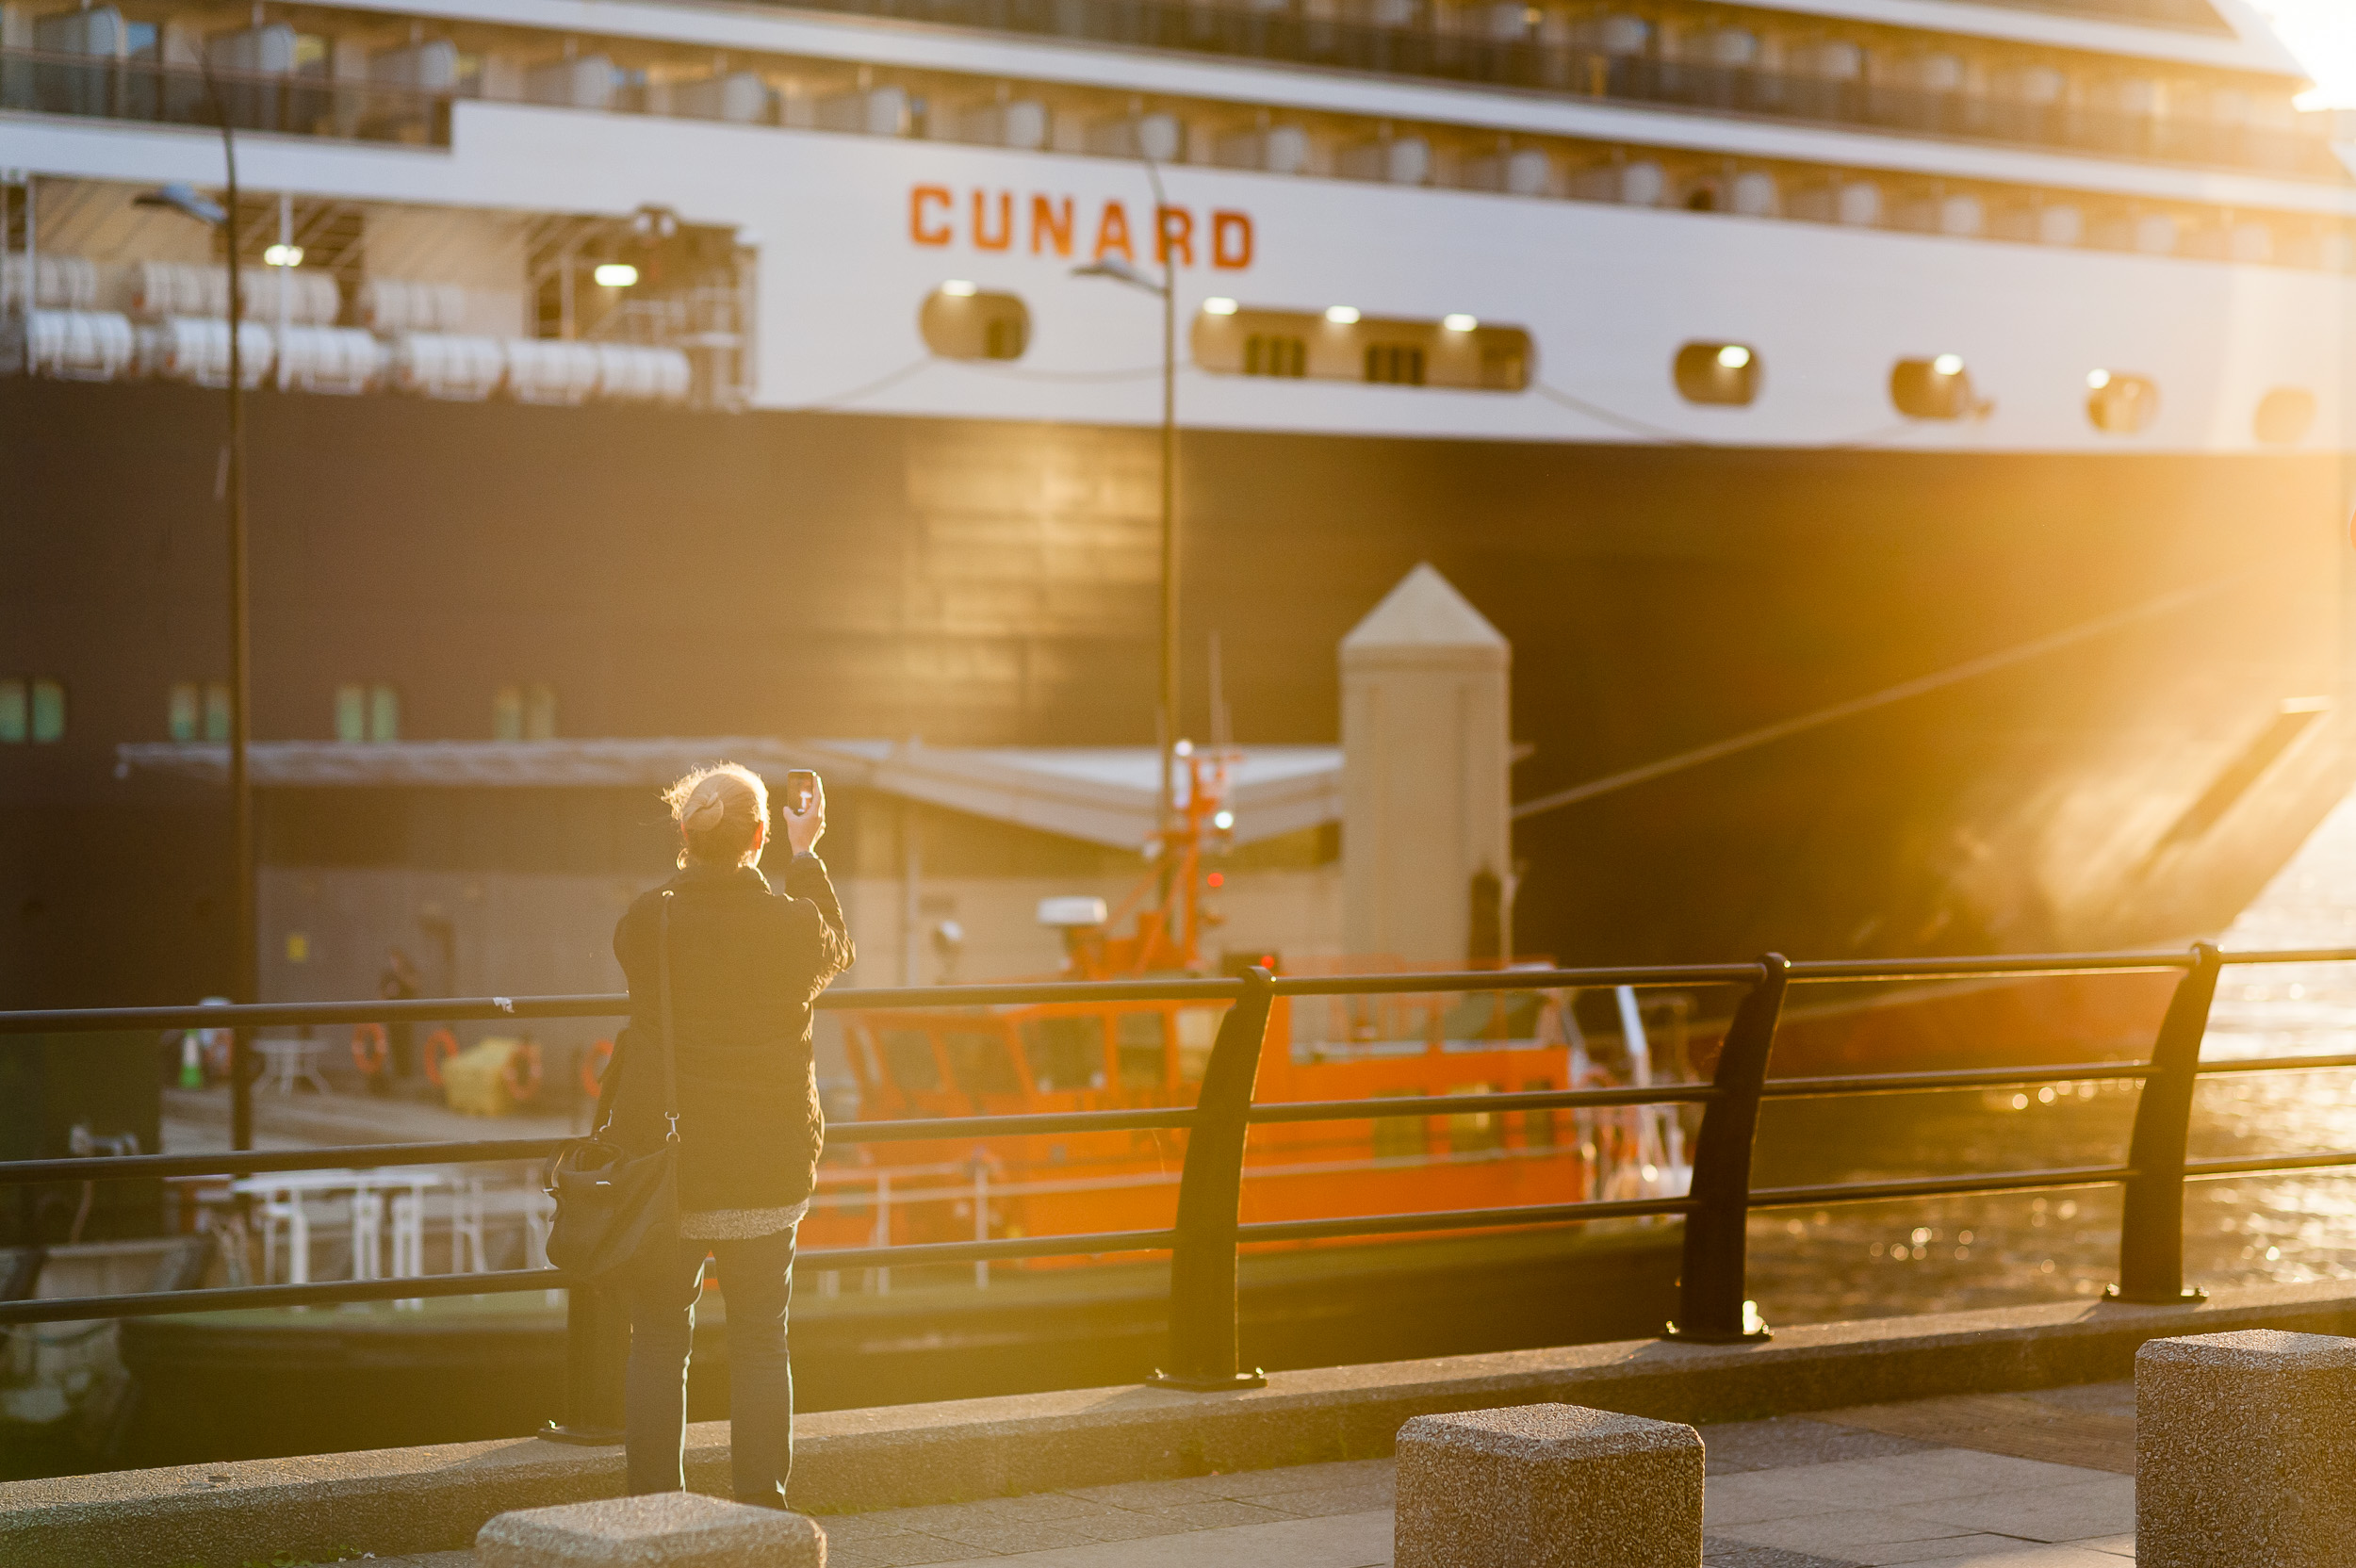 Cunard100